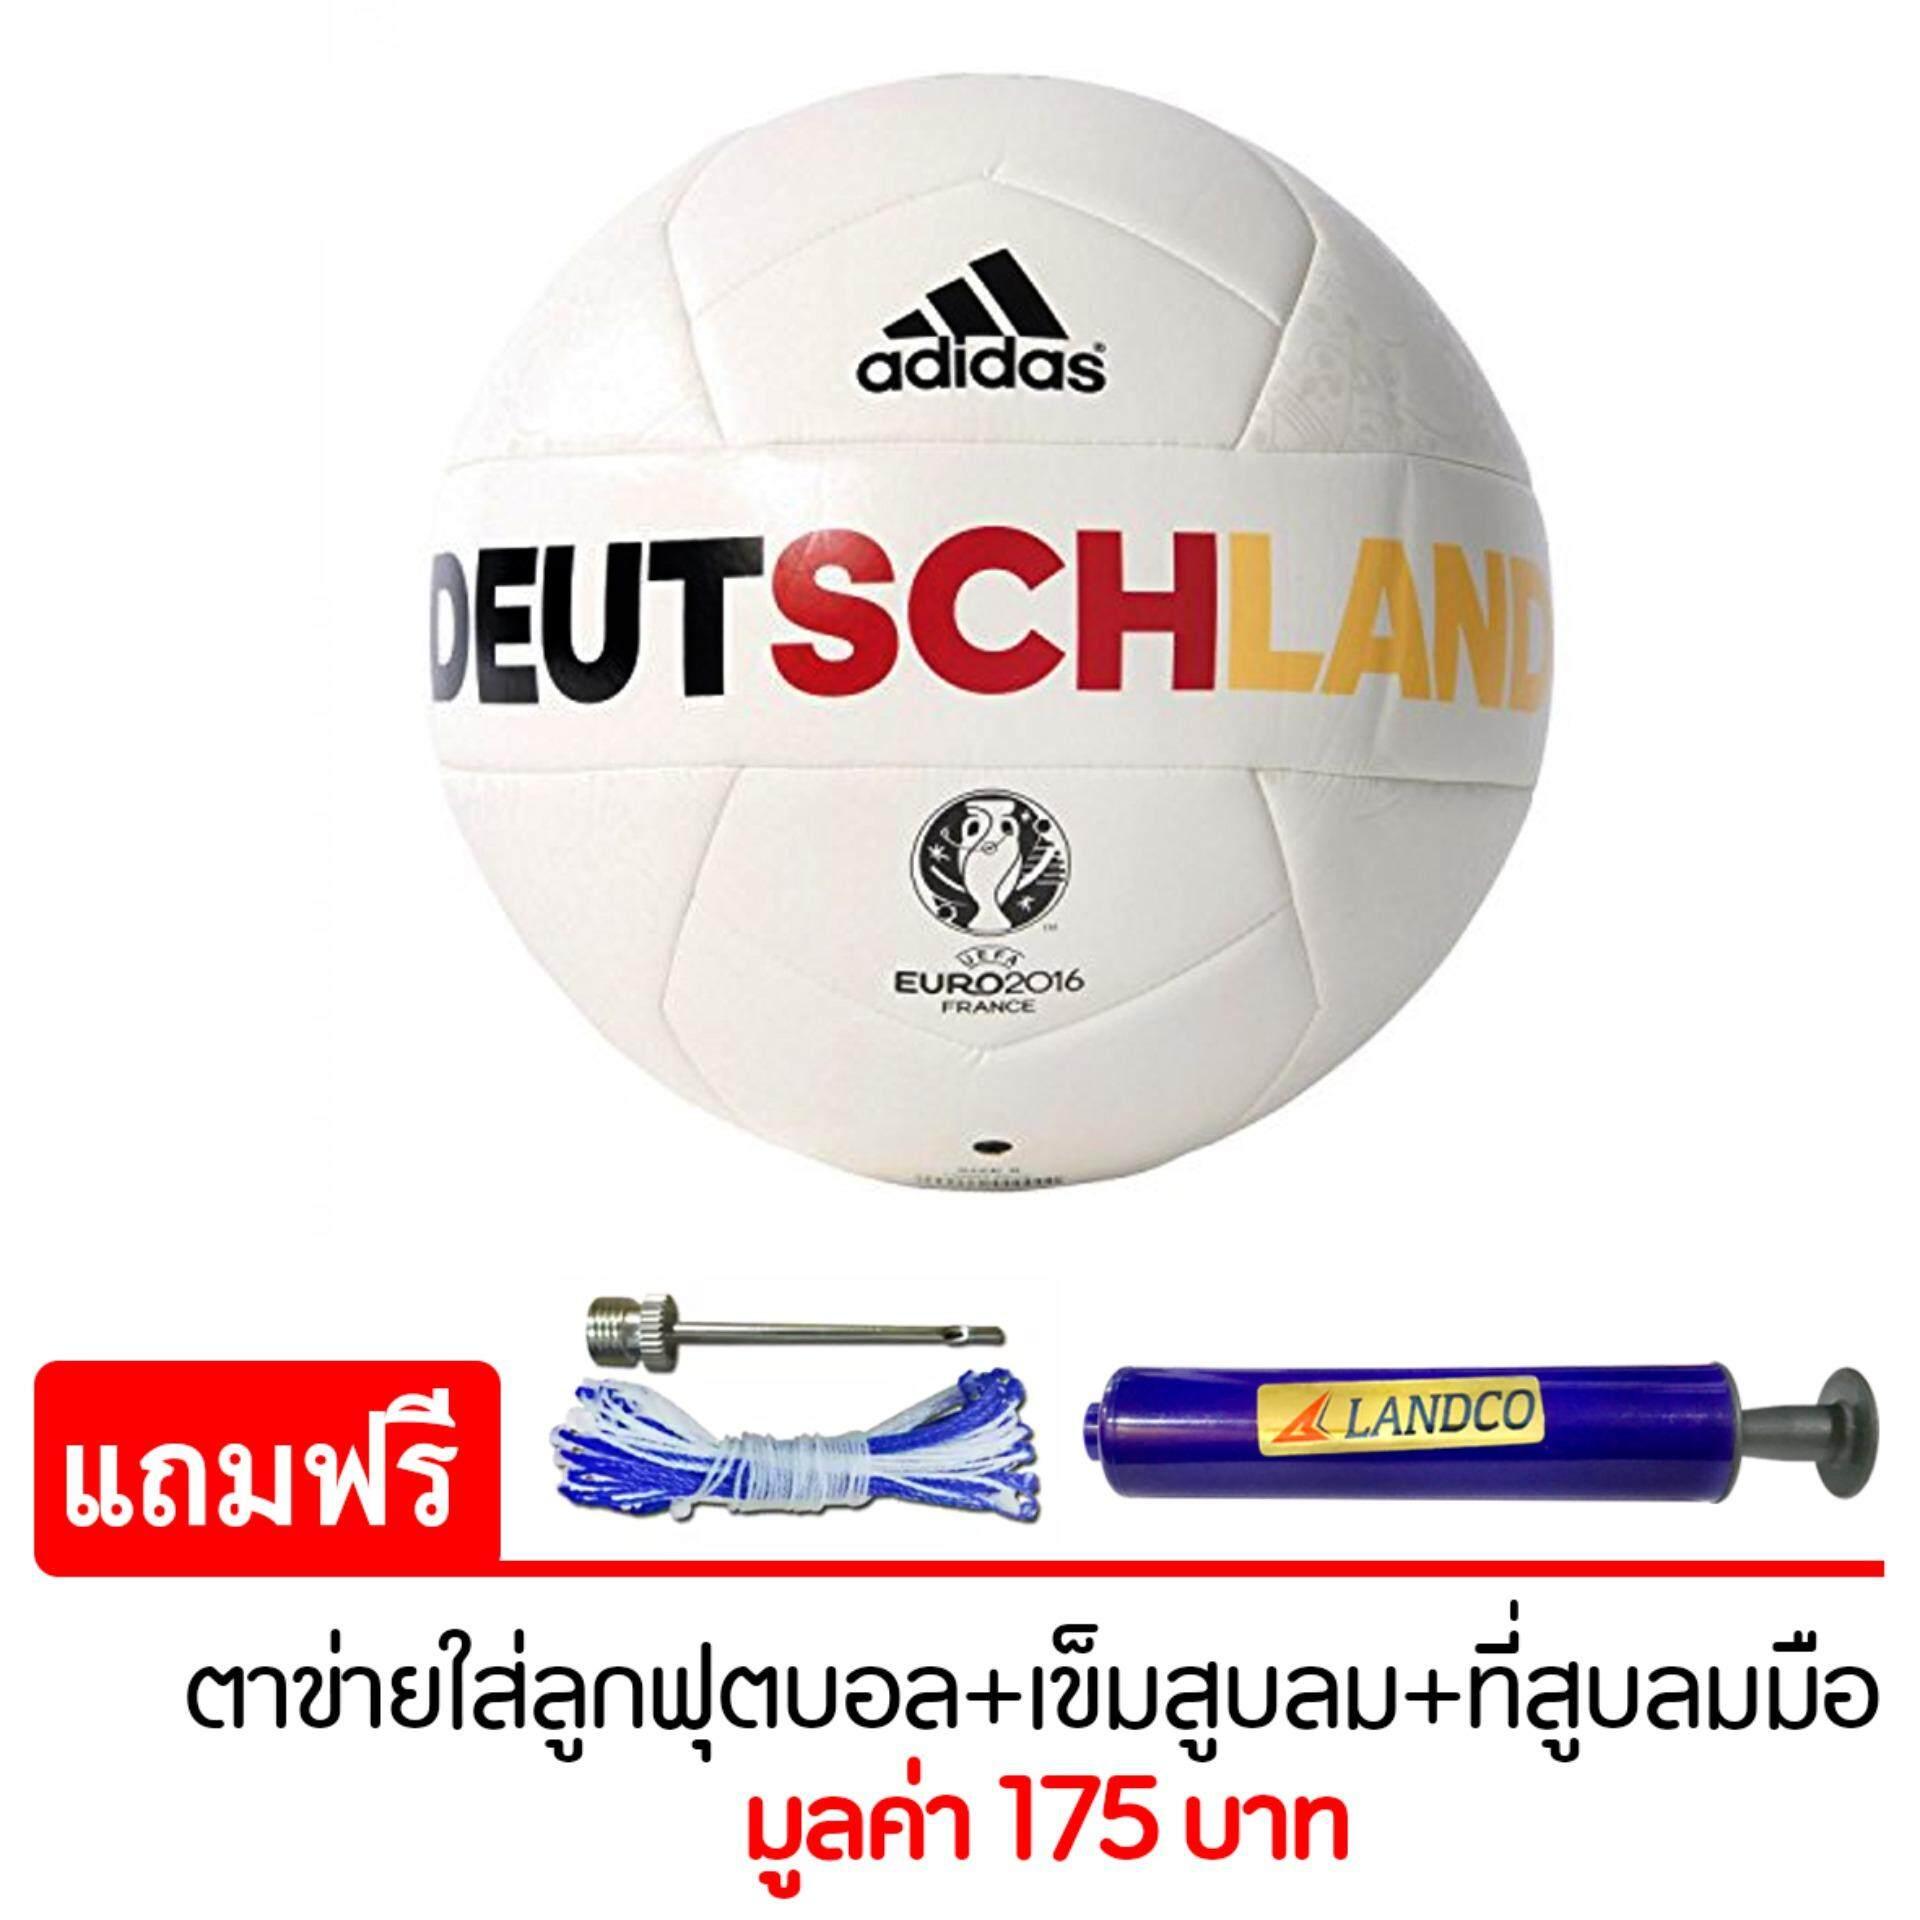 โปรโมชั่น Adidas ฟุตบอลหนัง อาดิดาส เยอรมัน ยูโร 2016 Football Euro16 Germany Ac5457 แถมฟรี ตาข่ายใส่ลูกฟุตบอล เข็มสูบสูบลม สูบมือ Spl รุ่น Sl6 สีน้ำเงิน Adidas